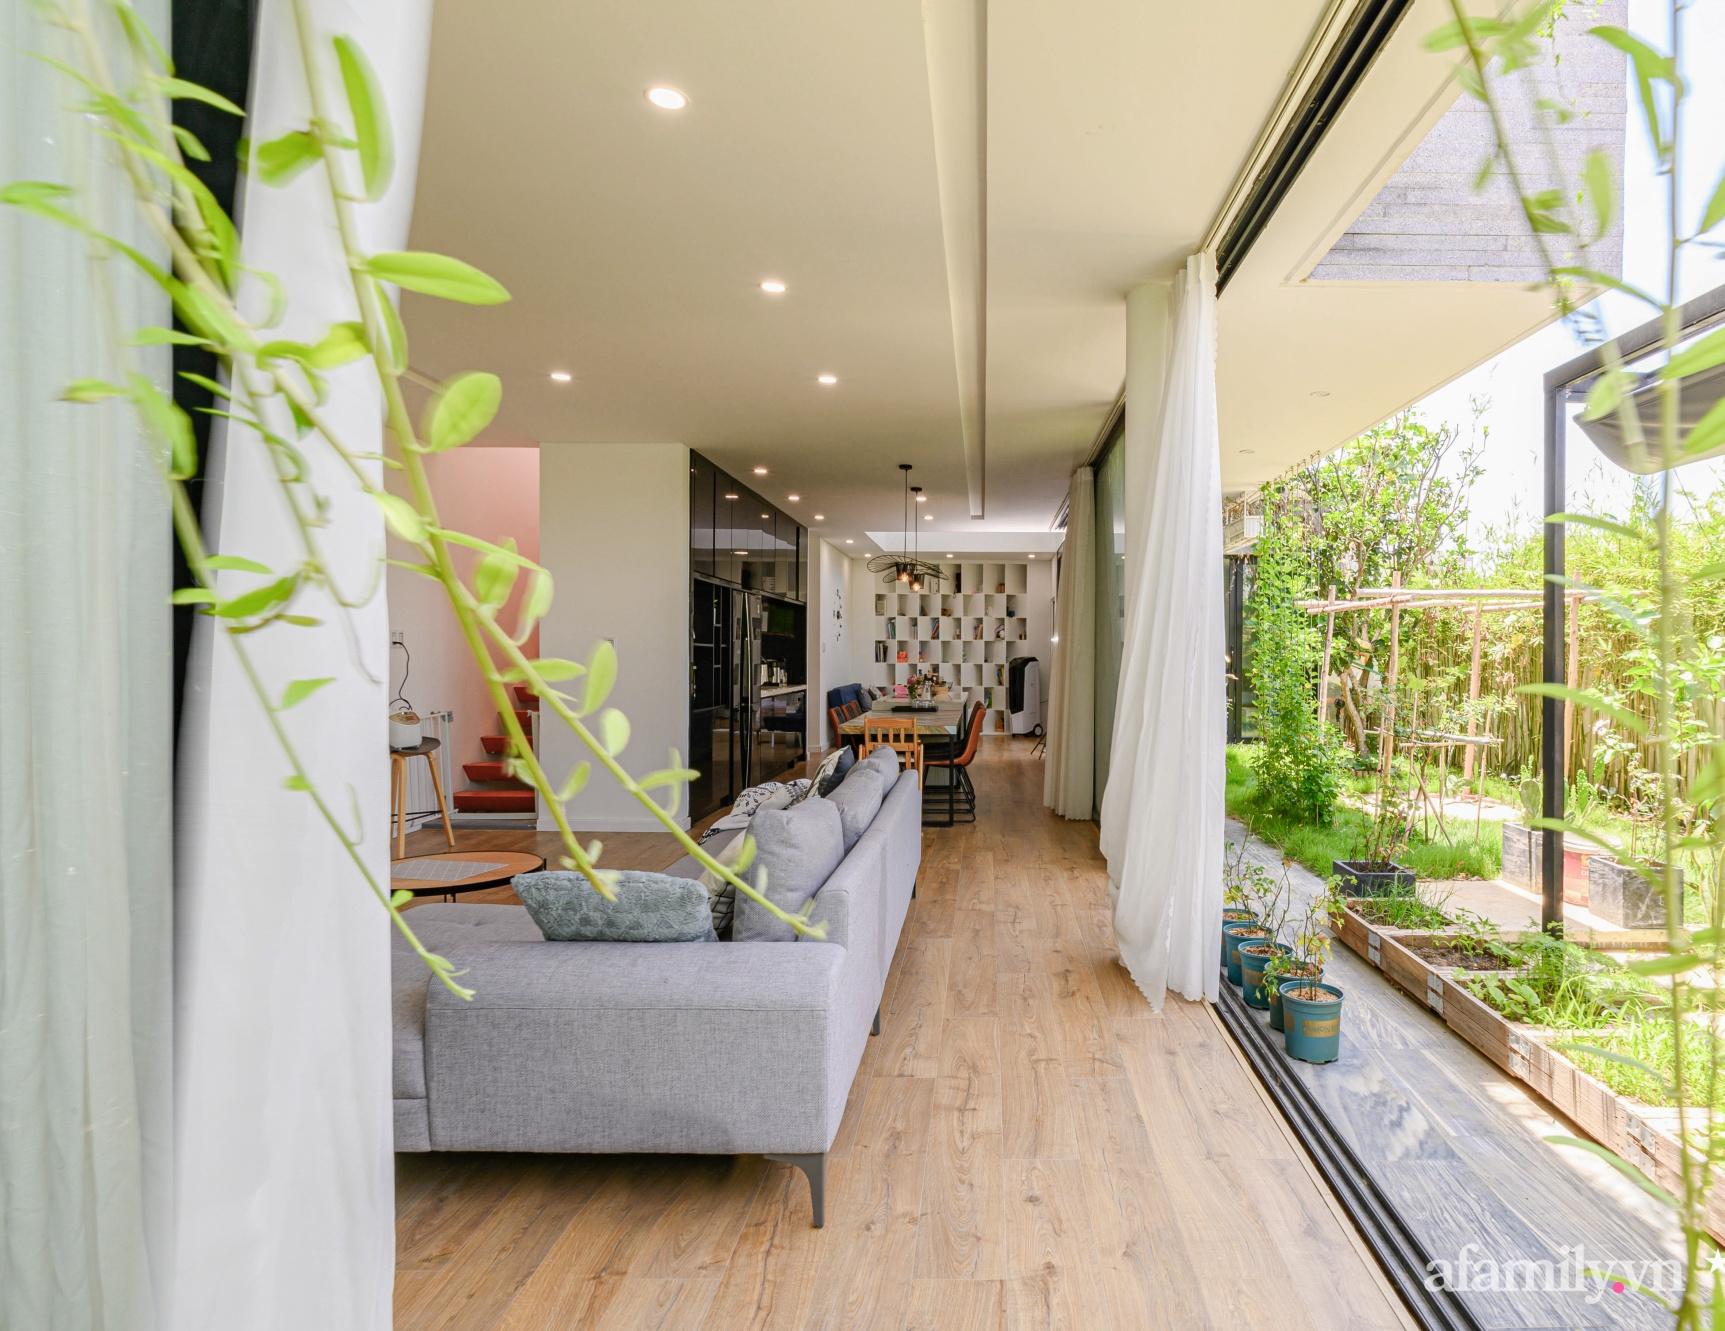 Ngôi nhà nhiều cây xanh và ánh sáng gói trọn bình yên của cặp vợ chồng kiến trúc sư ở Đà Nẵng - Ảnh 5.